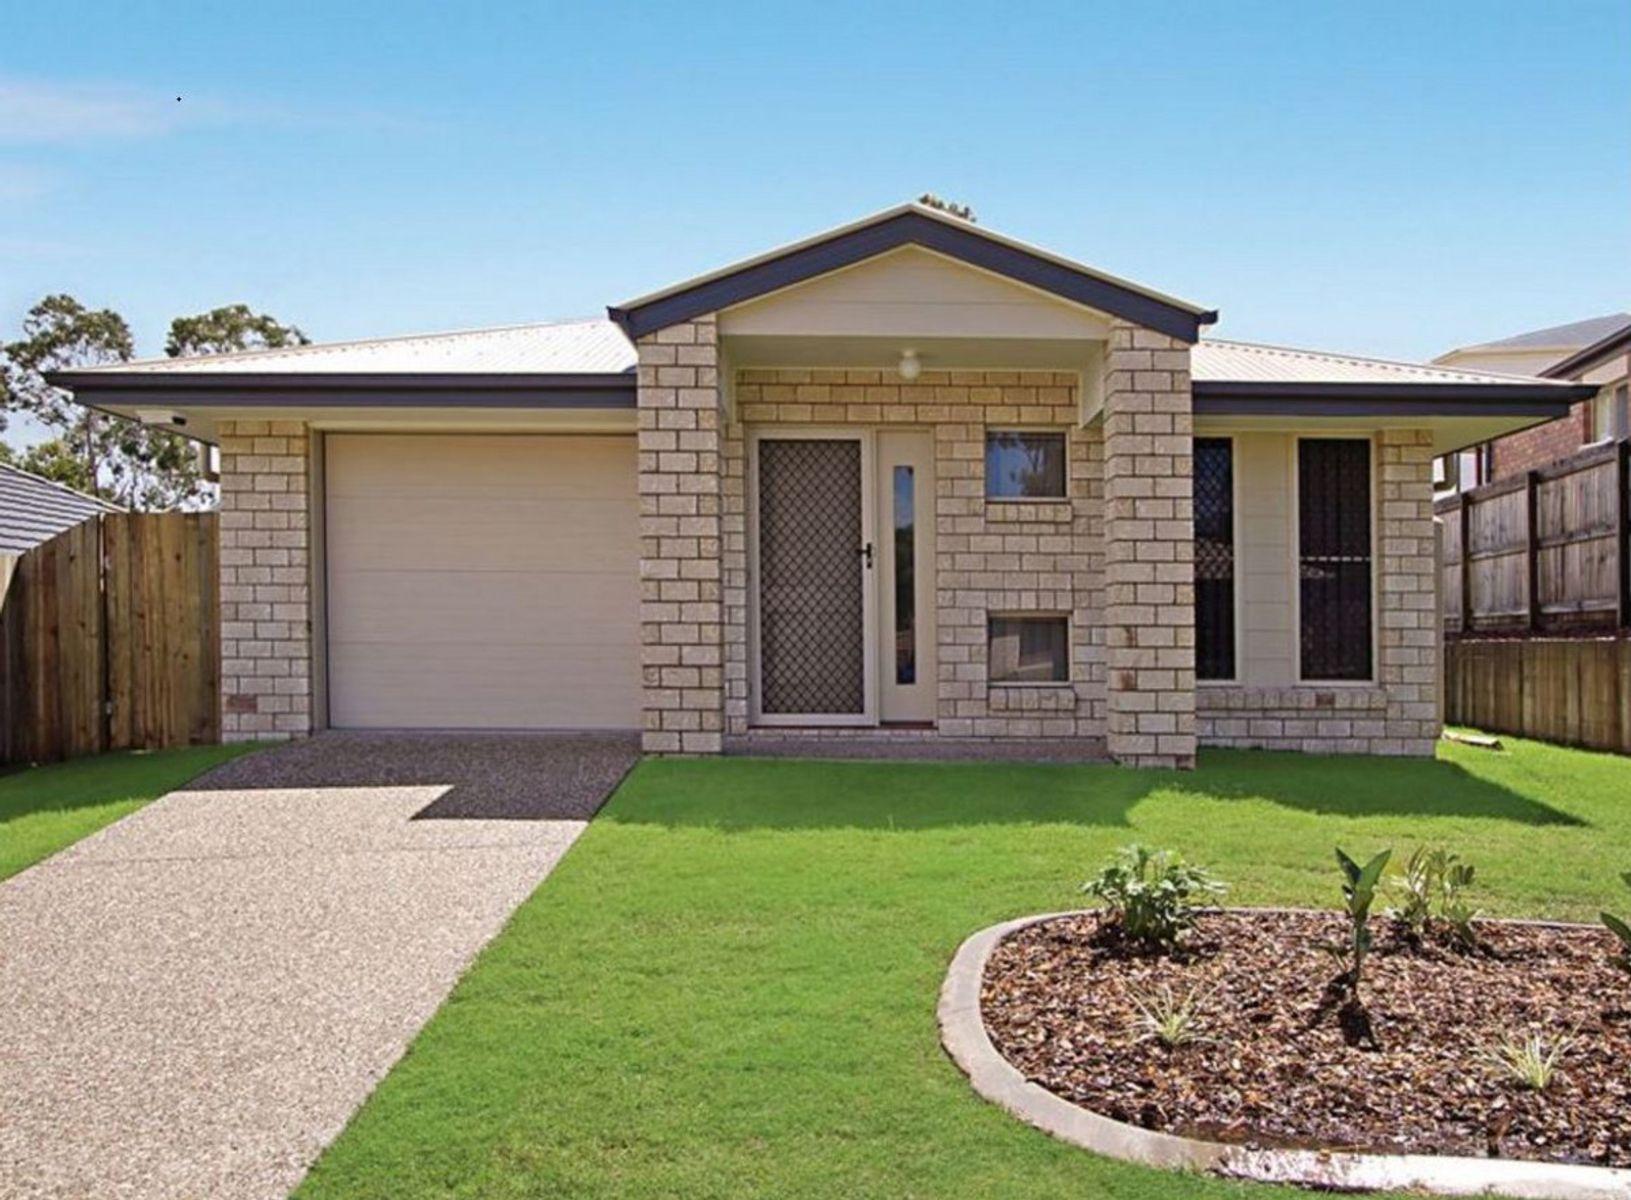 12 Macbride Court, Collingwood Park, QLD 4301